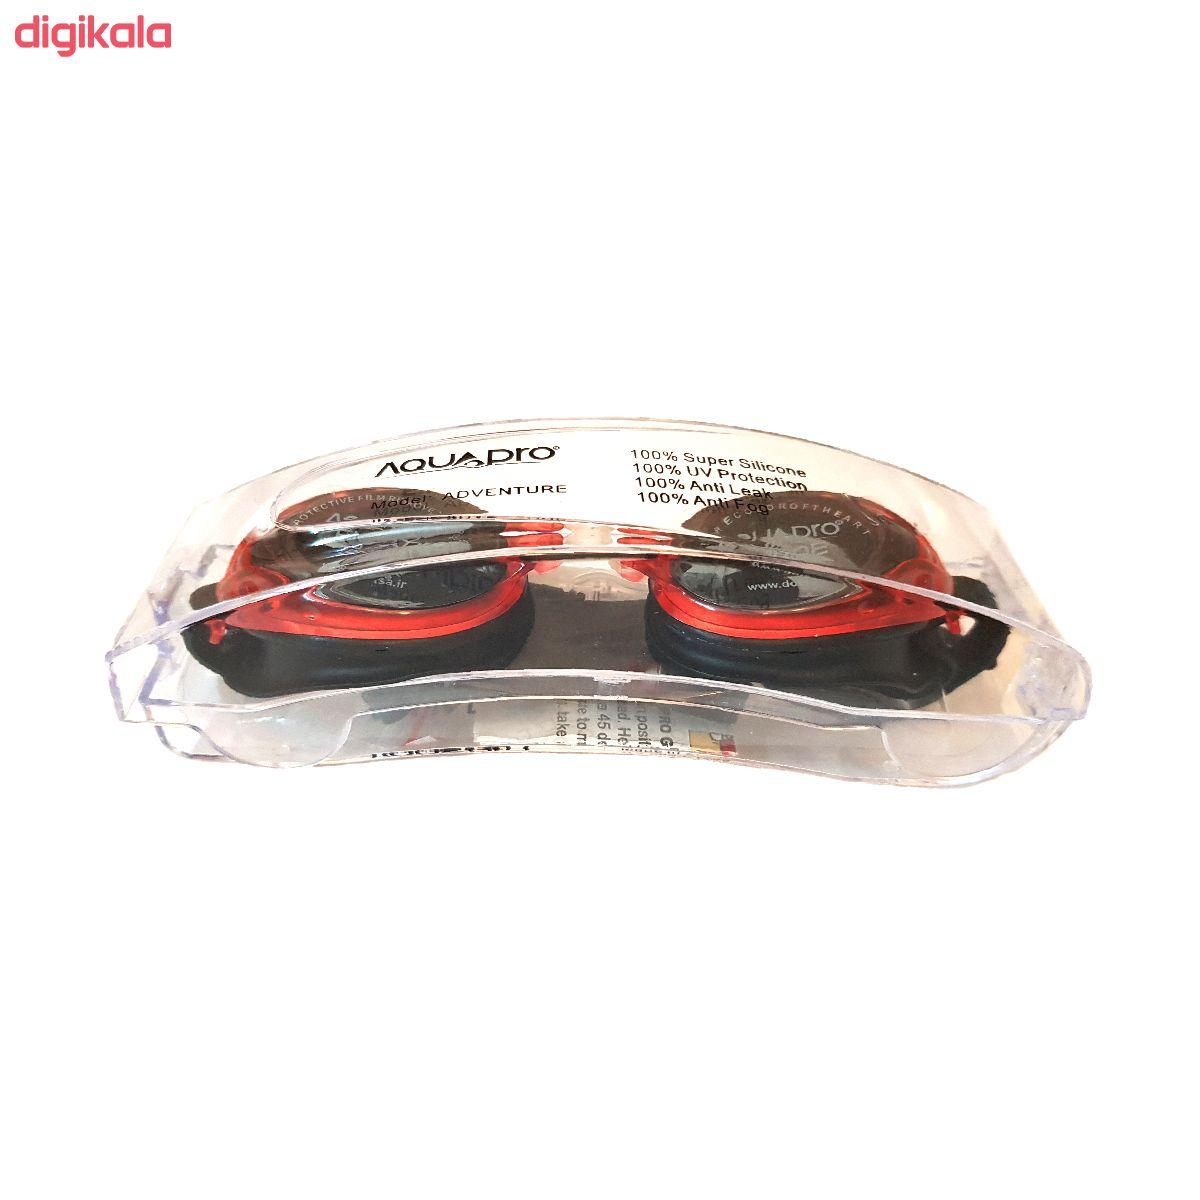 عینک شنا اکوا پرو مدل ADVENTURE  main 1 3